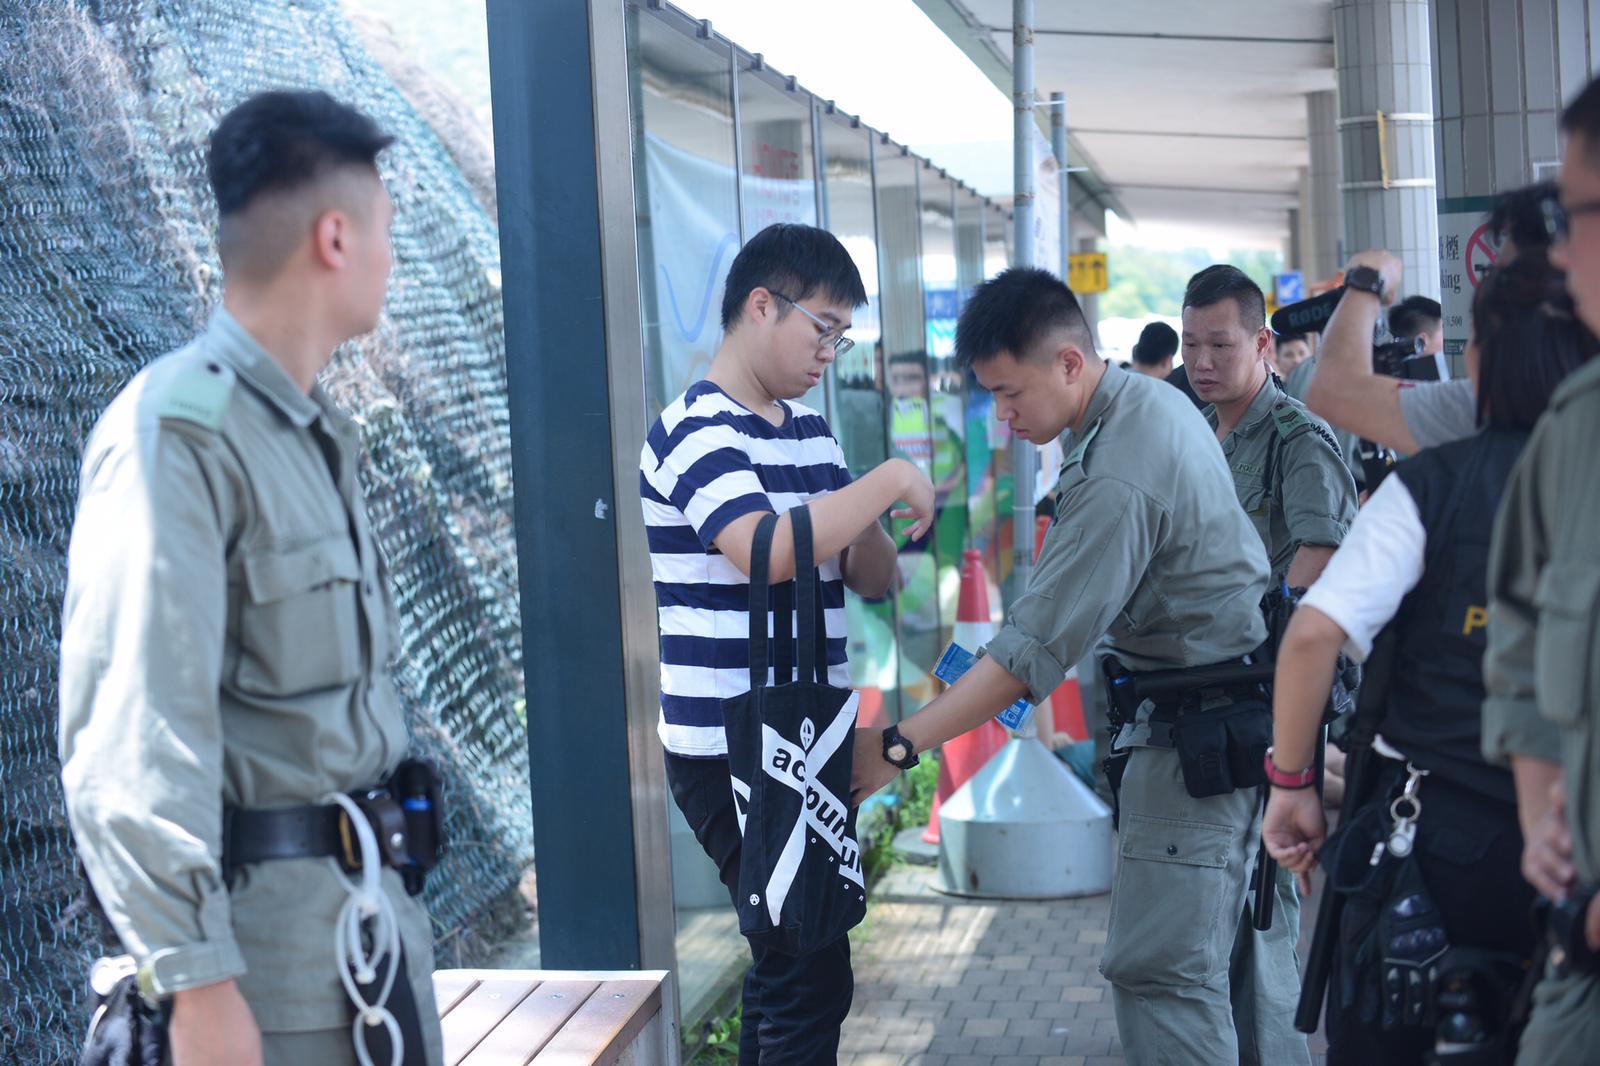 警員搜查乘客的隨身物品。